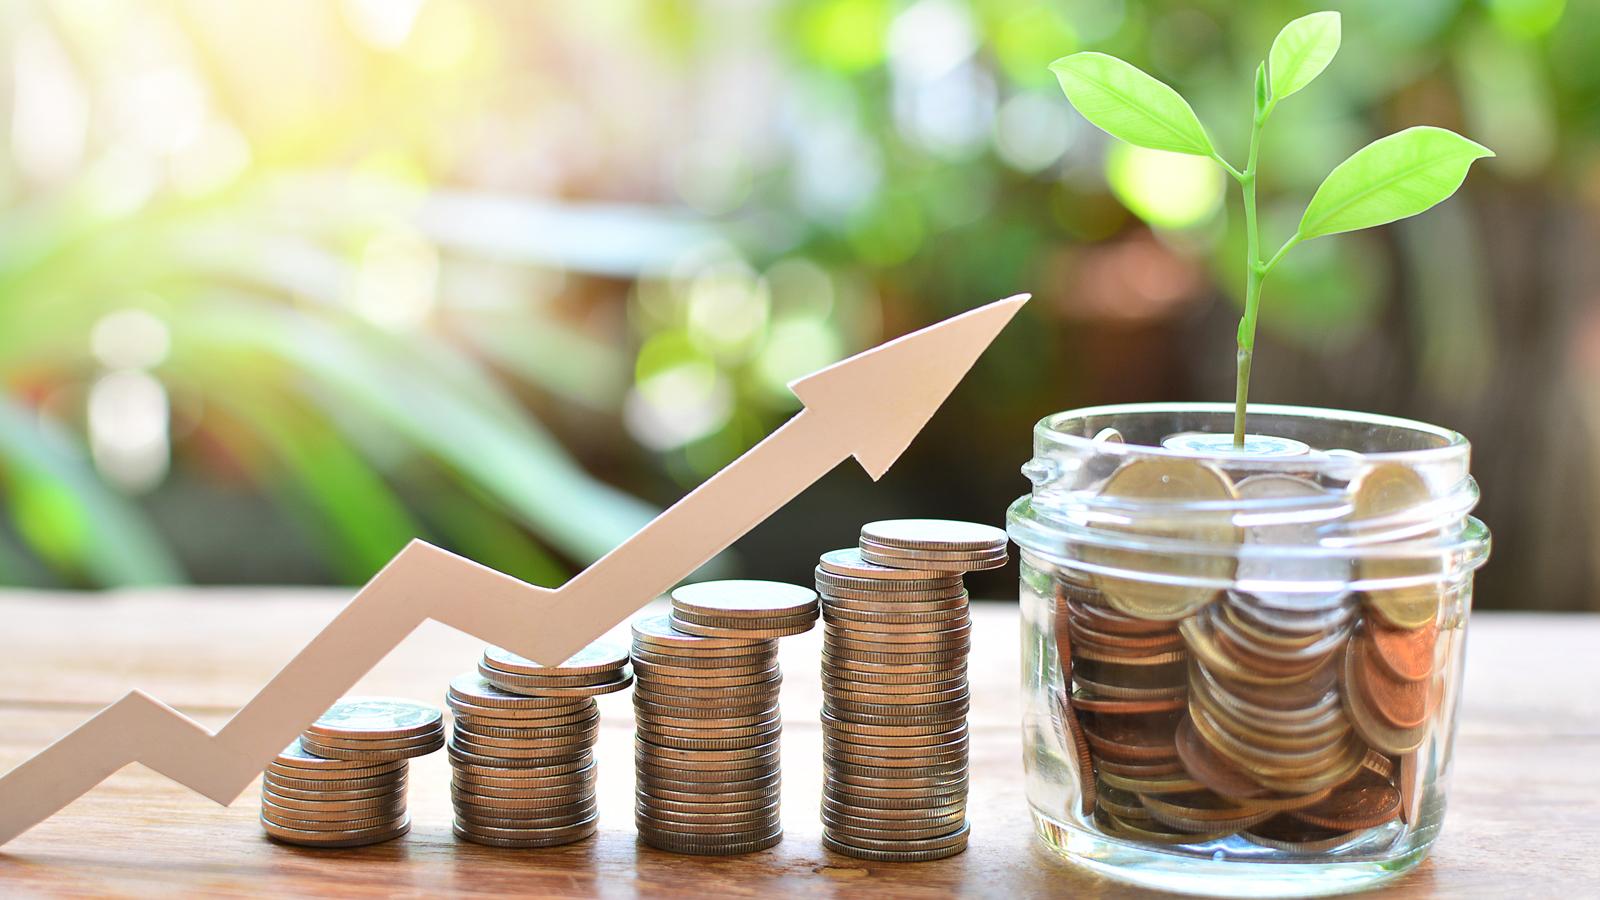 Những ý tưởng đầu tư tiền thông minh chưa bao giờ hết hot